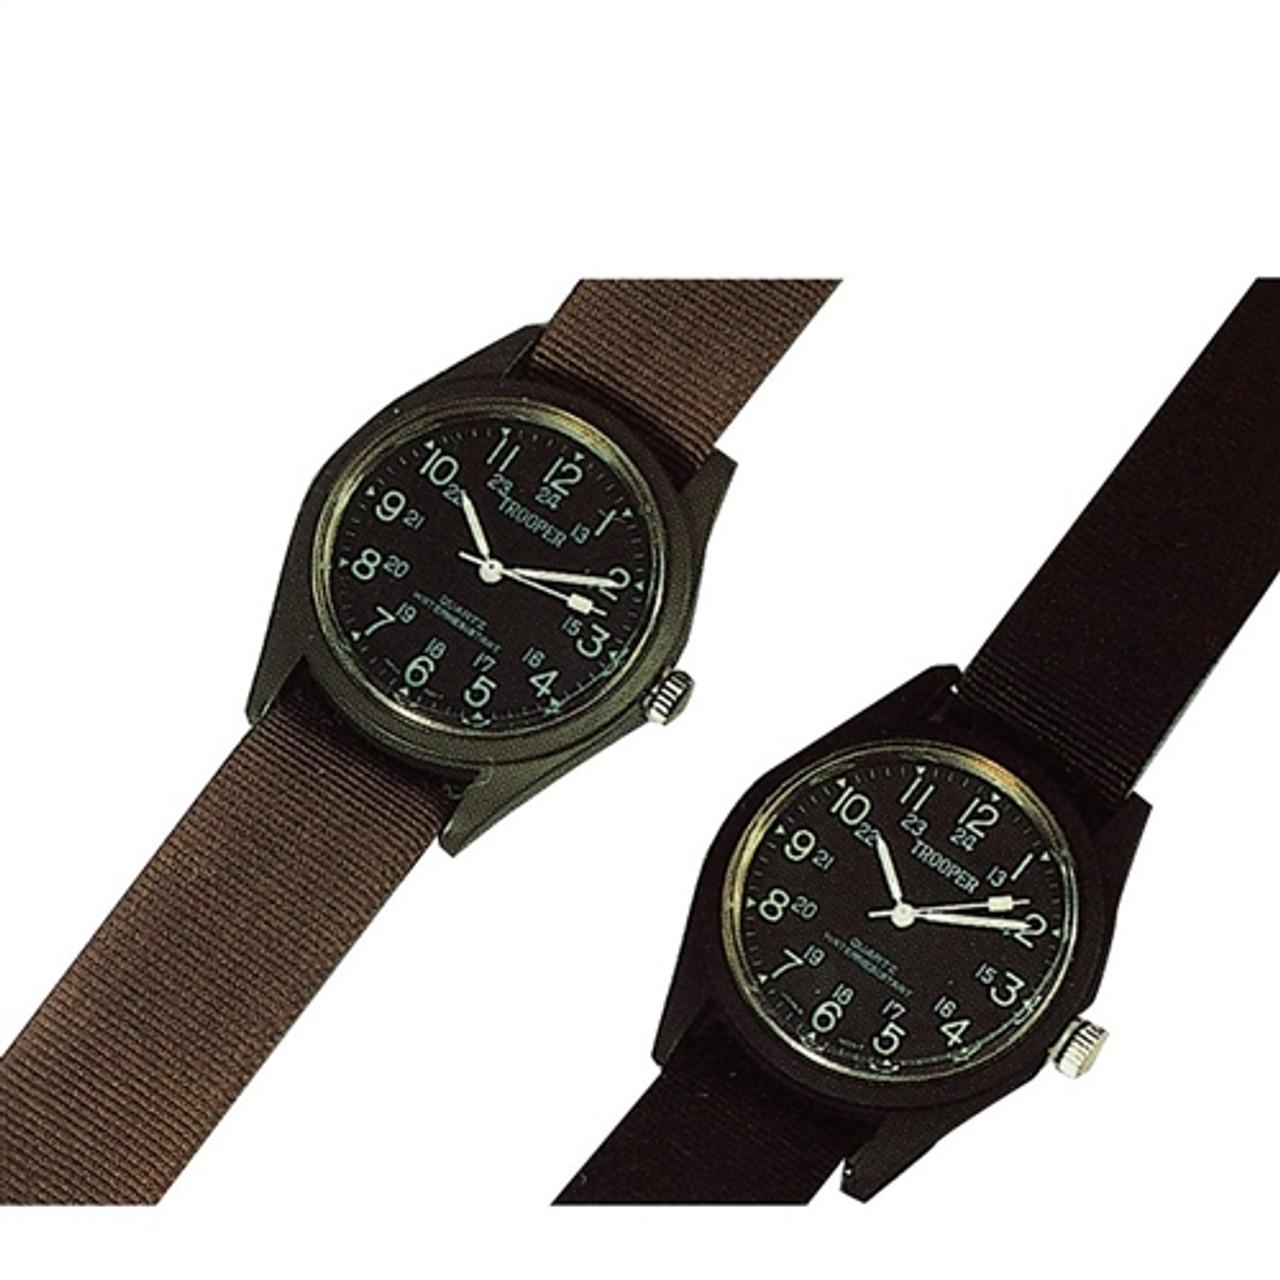 Field Watch from Hessen Militaria